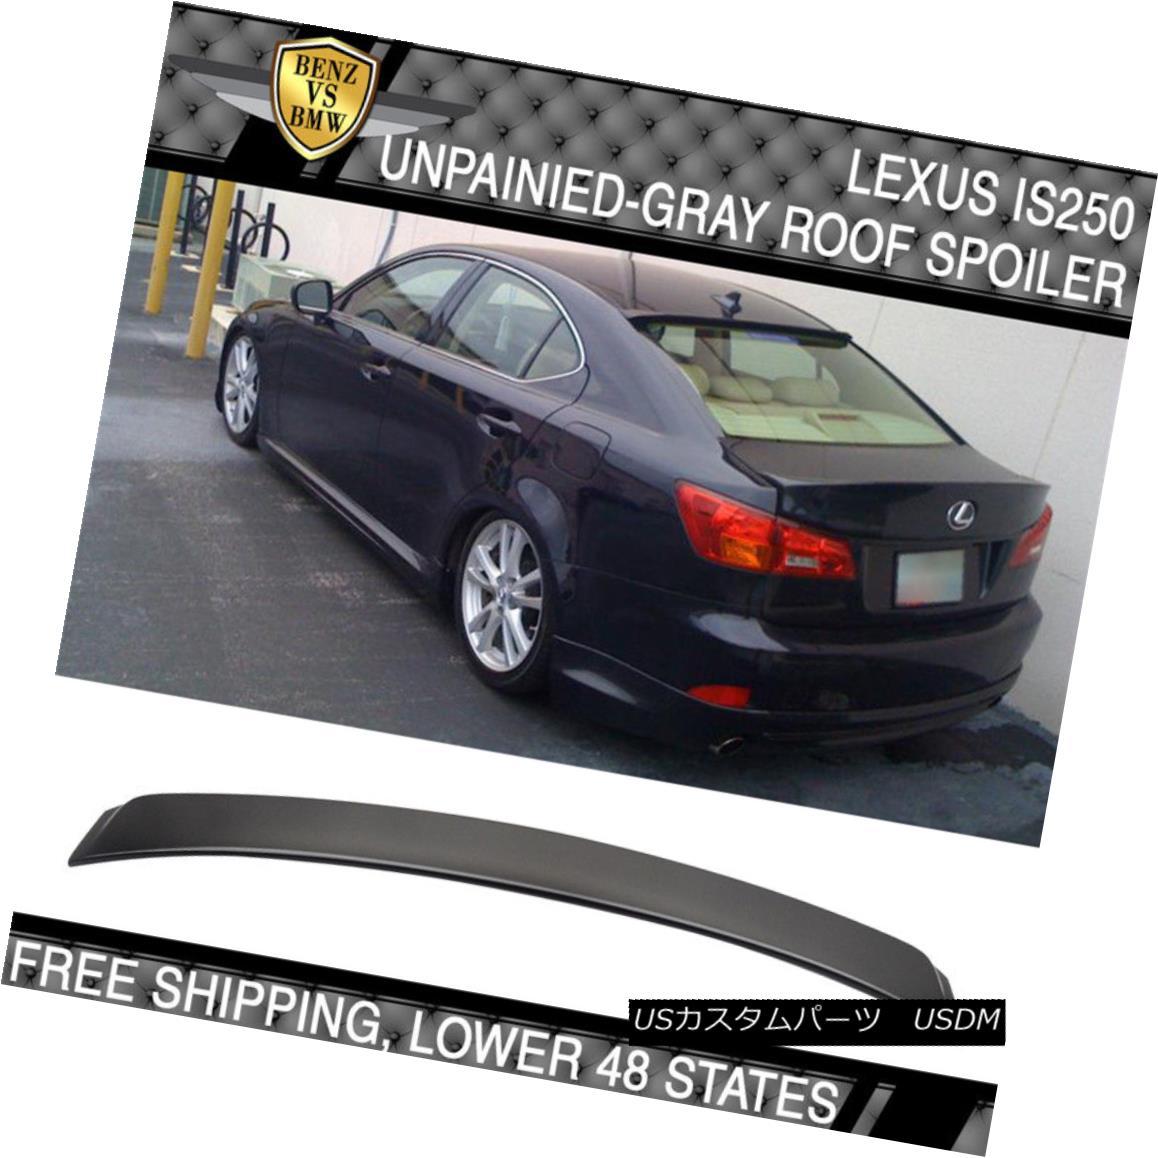 エアロパーツ For 06-13 Lexus IS250 IS350 4Dr OE Style Rear Roof Spoiler ABS 06-13レクサスIS250 IS350 4Dr OEスタイルリアルーフスポイラーABS